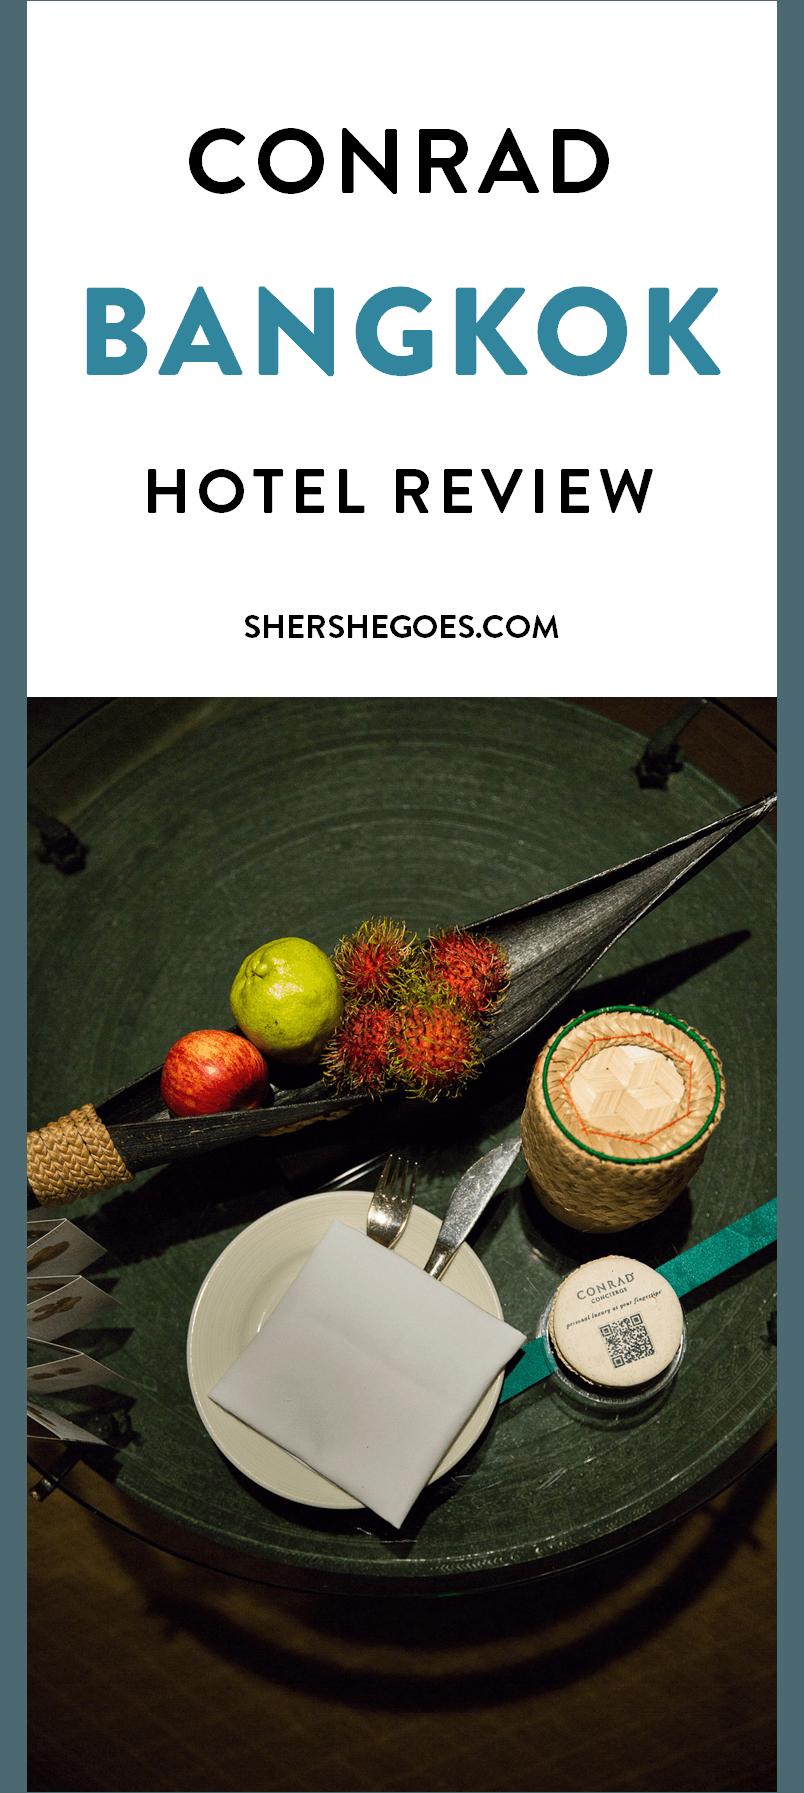 Conrad Bangkok Hotel Review shershegoes.com